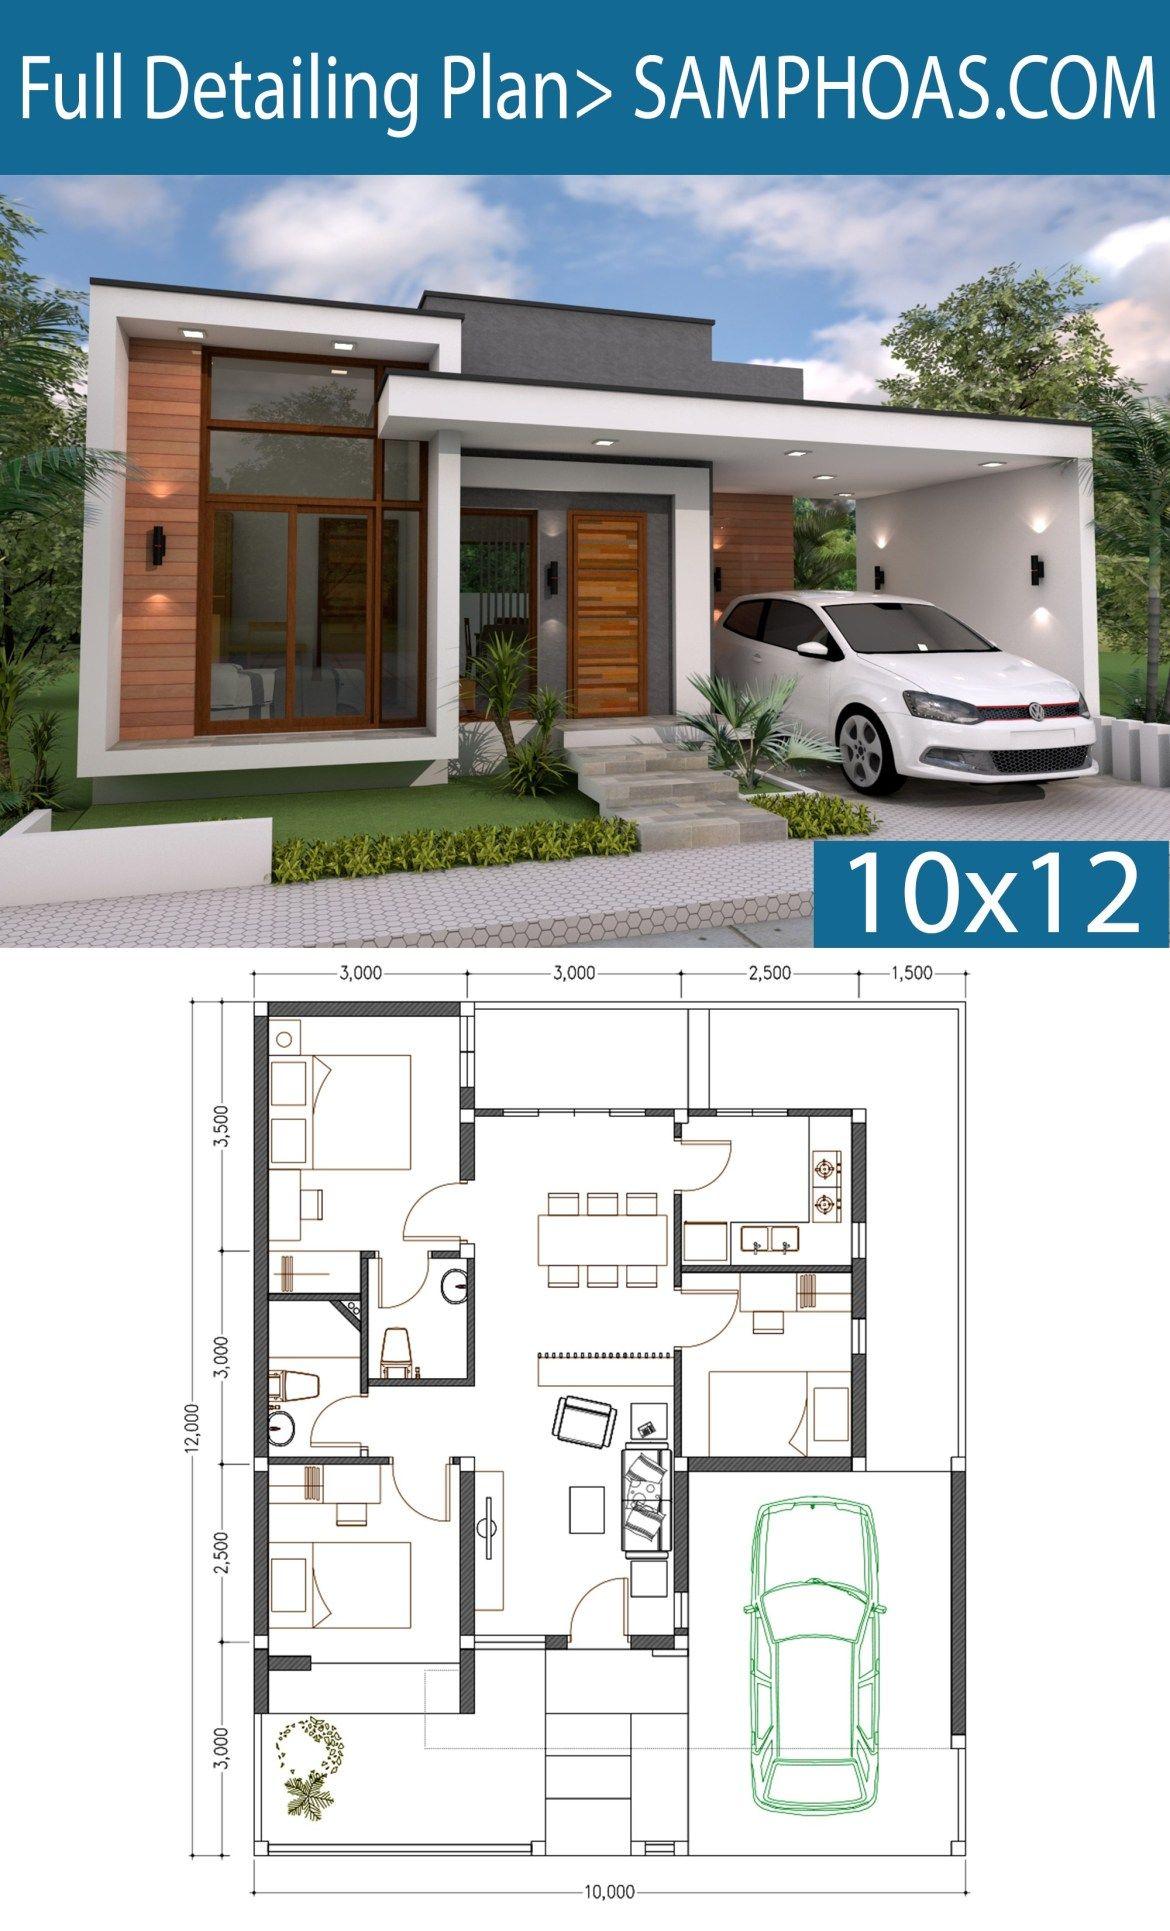 3 Bedrooms Home Design Plan 10x12m Denah Desain Rumah Rumah